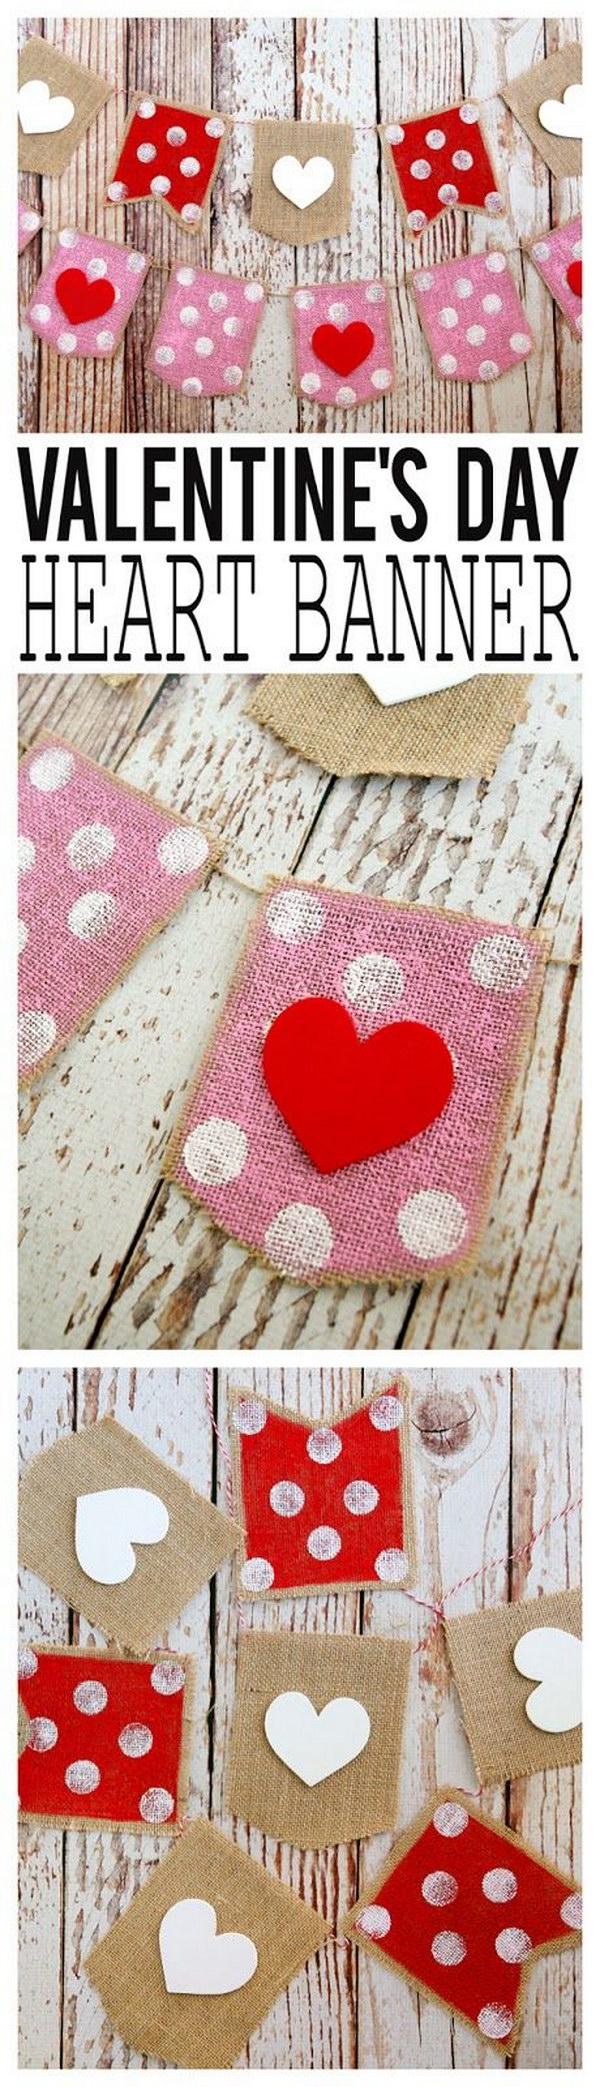 Valentine's Day Heart Banner